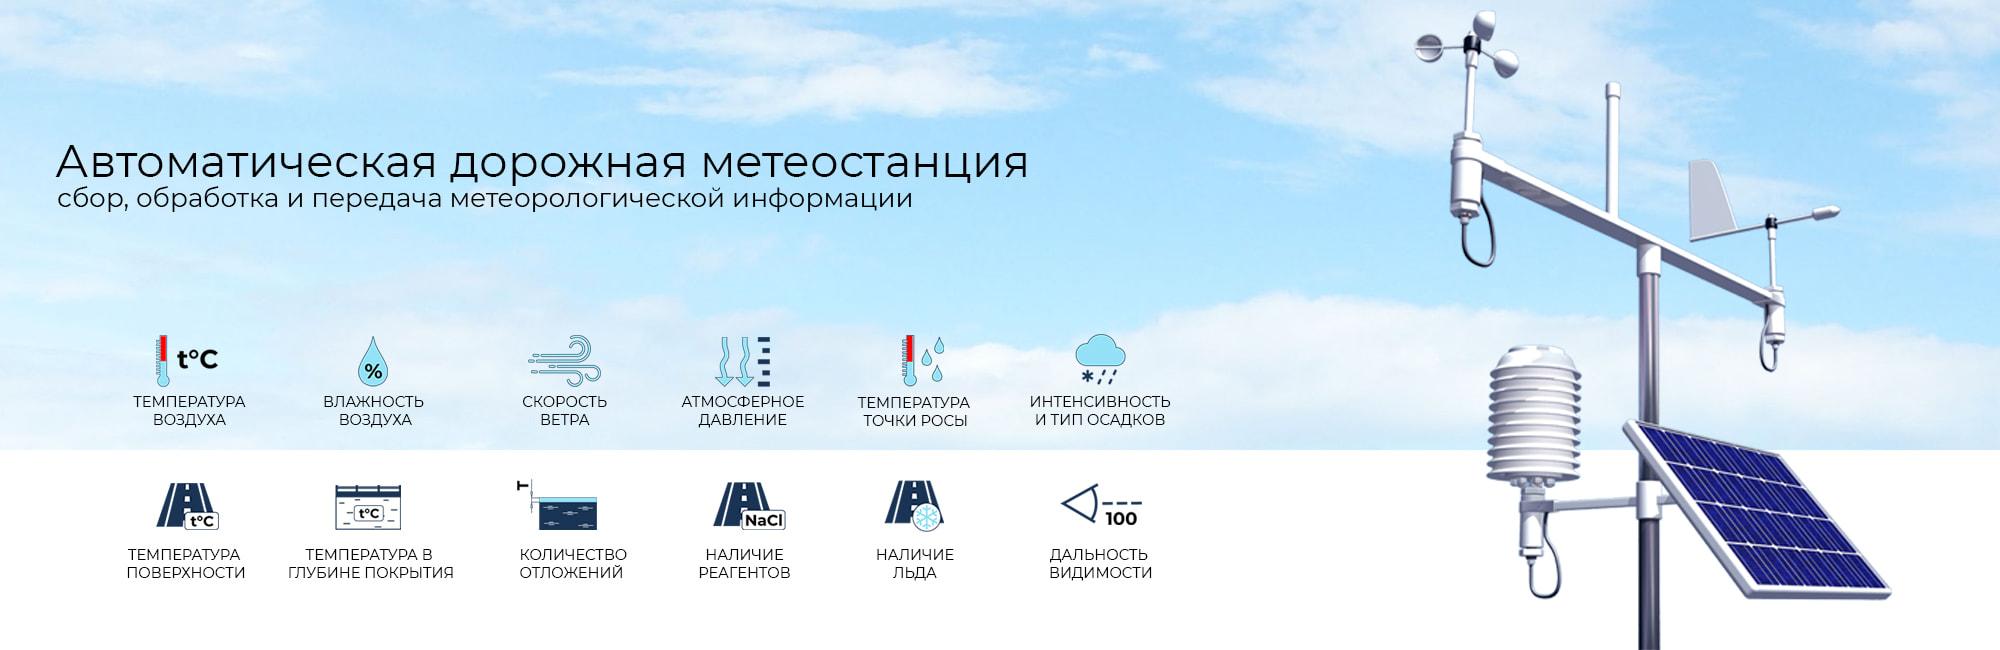 Автоматическая-дорожная-метеостанция